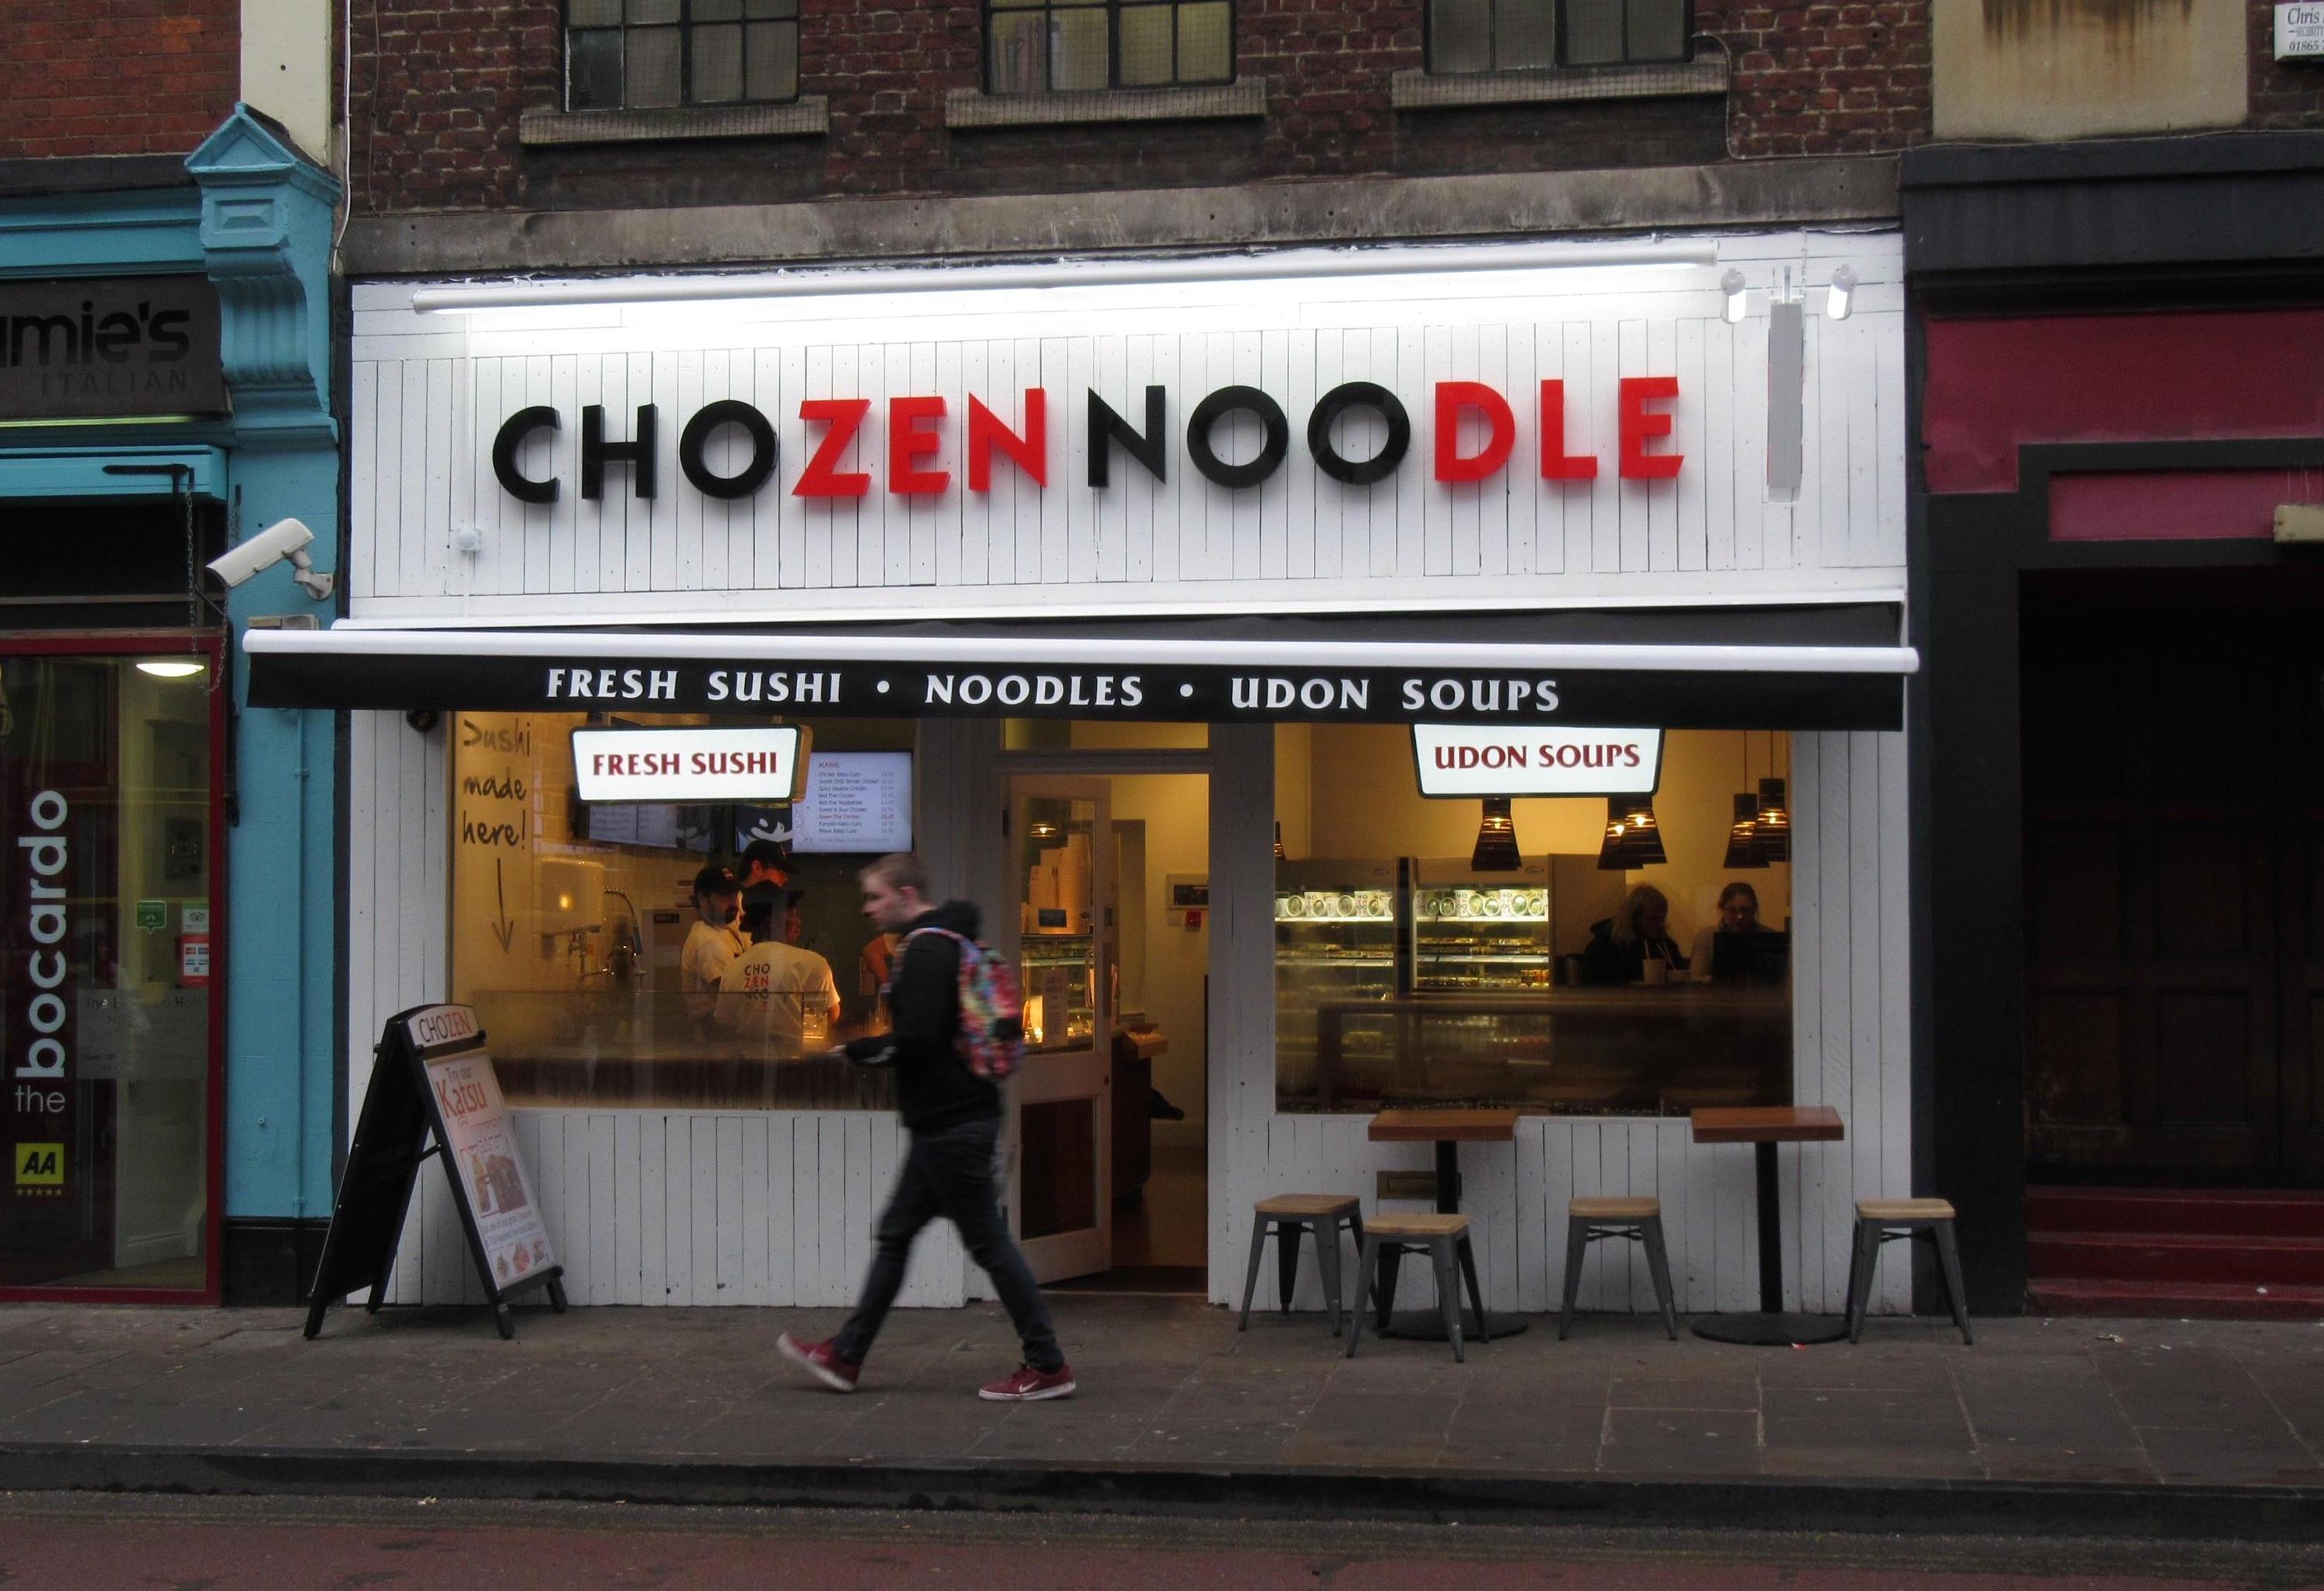 Chozen noodle.jpg